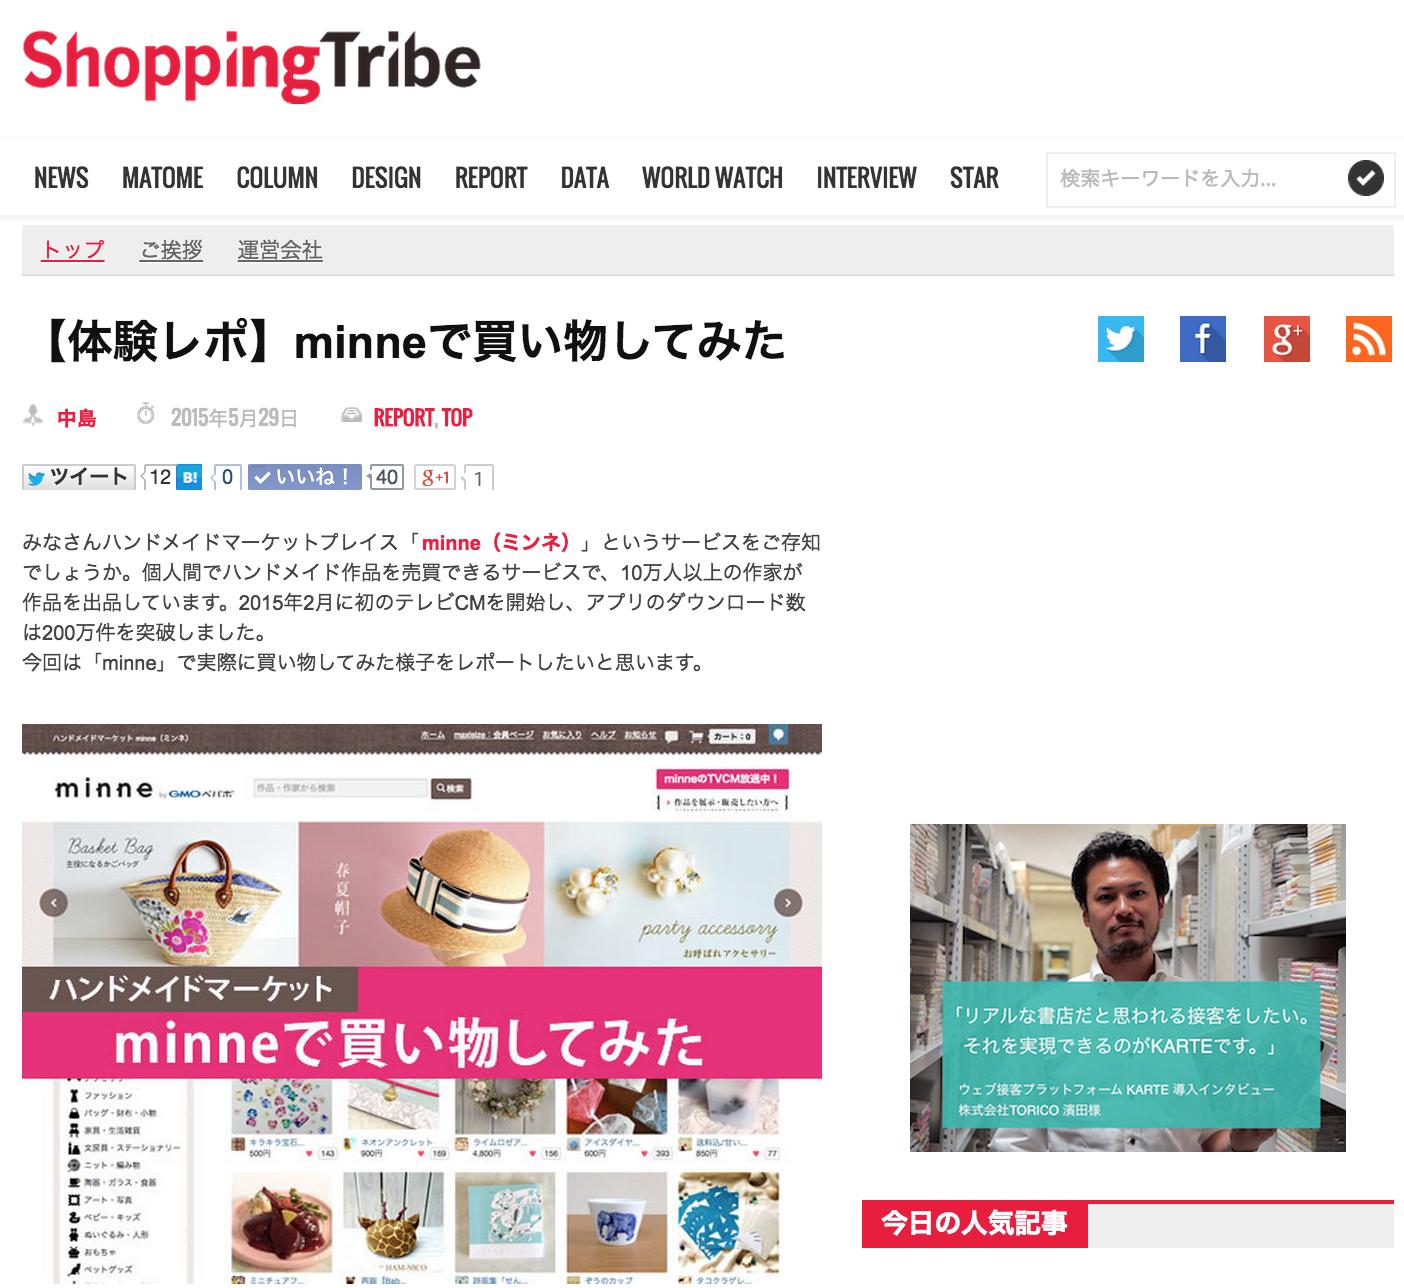 【インターンブログ】Shopping Tribeの体験レポートを書きました